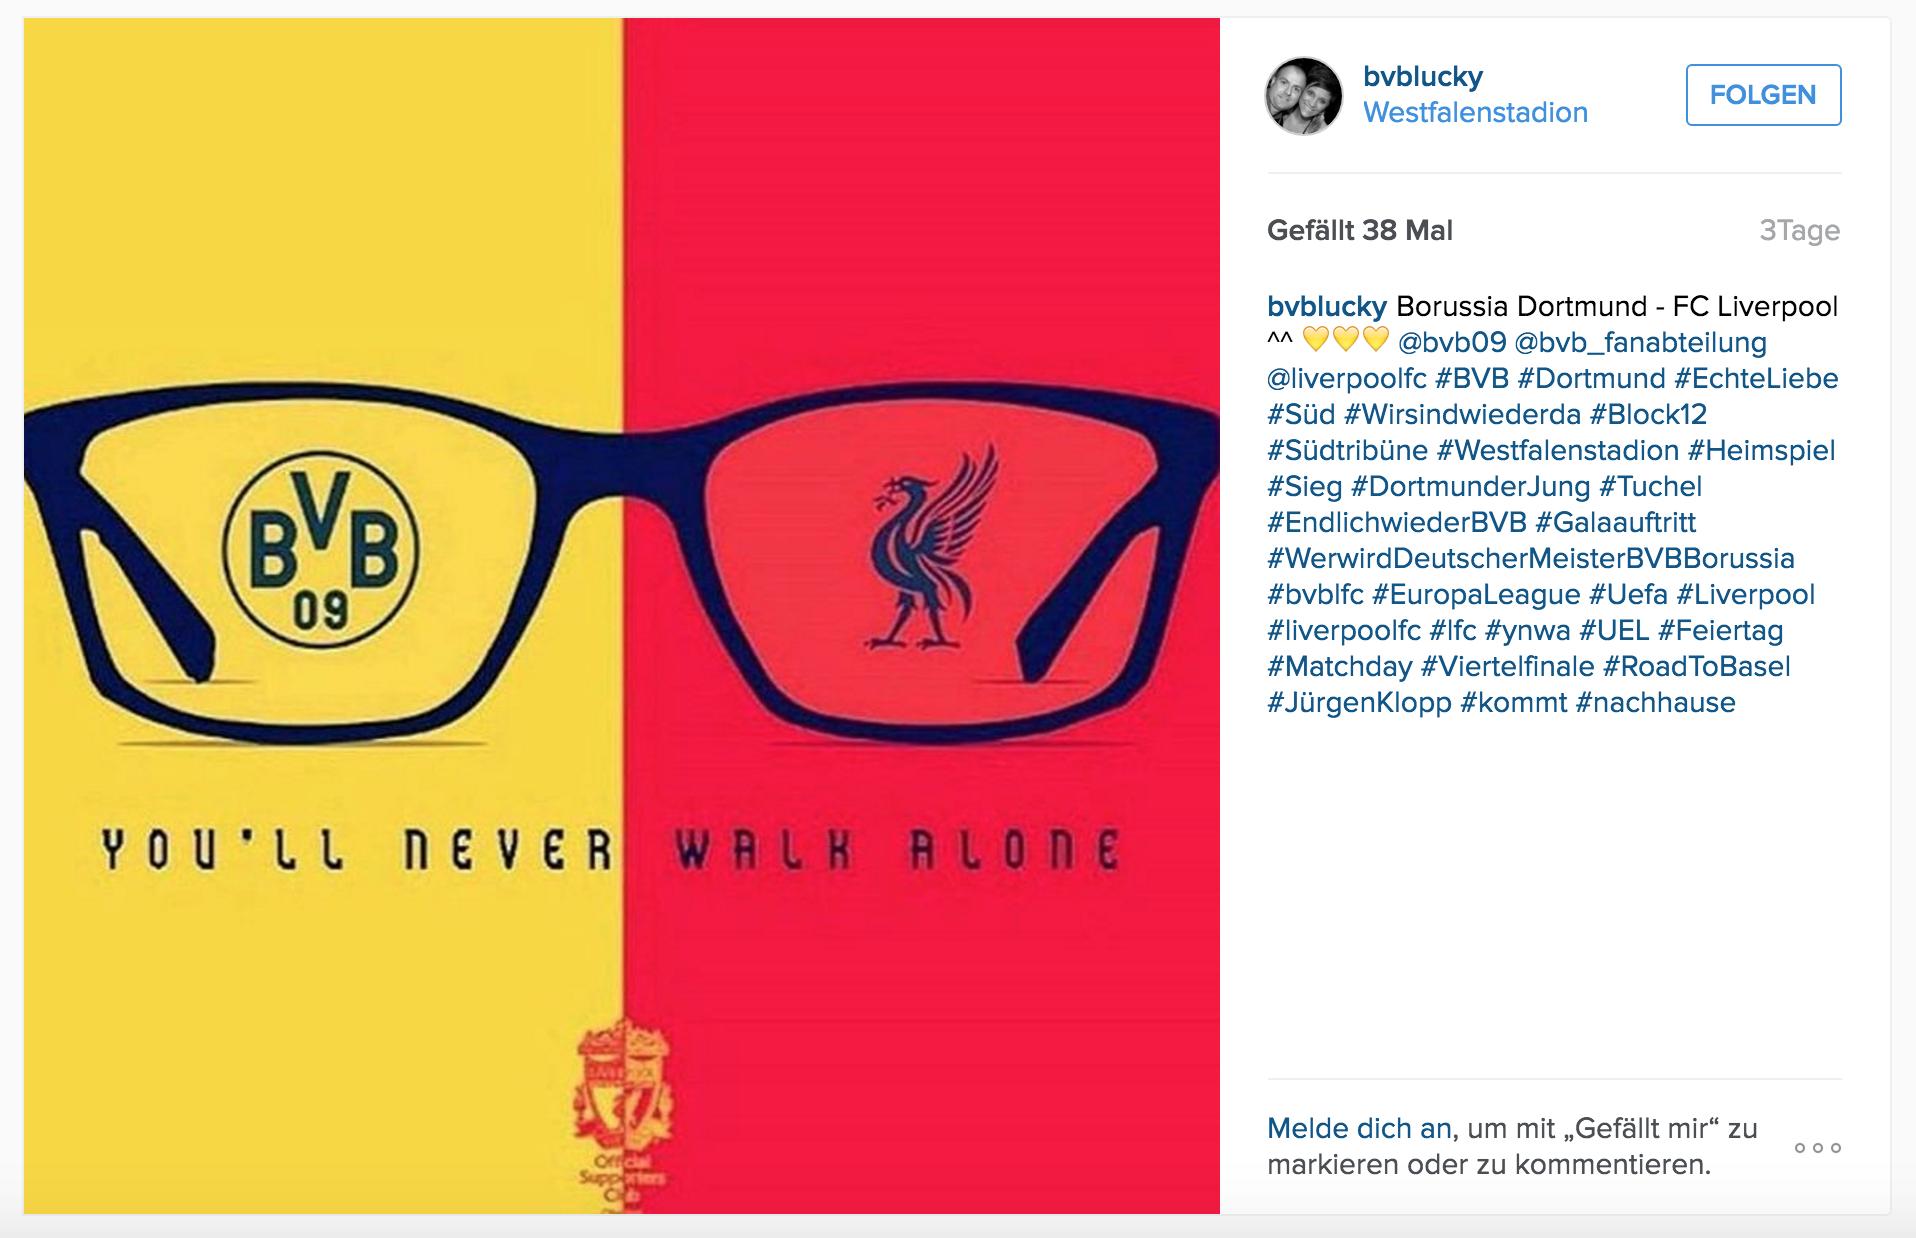 Klopp BVB vs. Liverpool Instagram